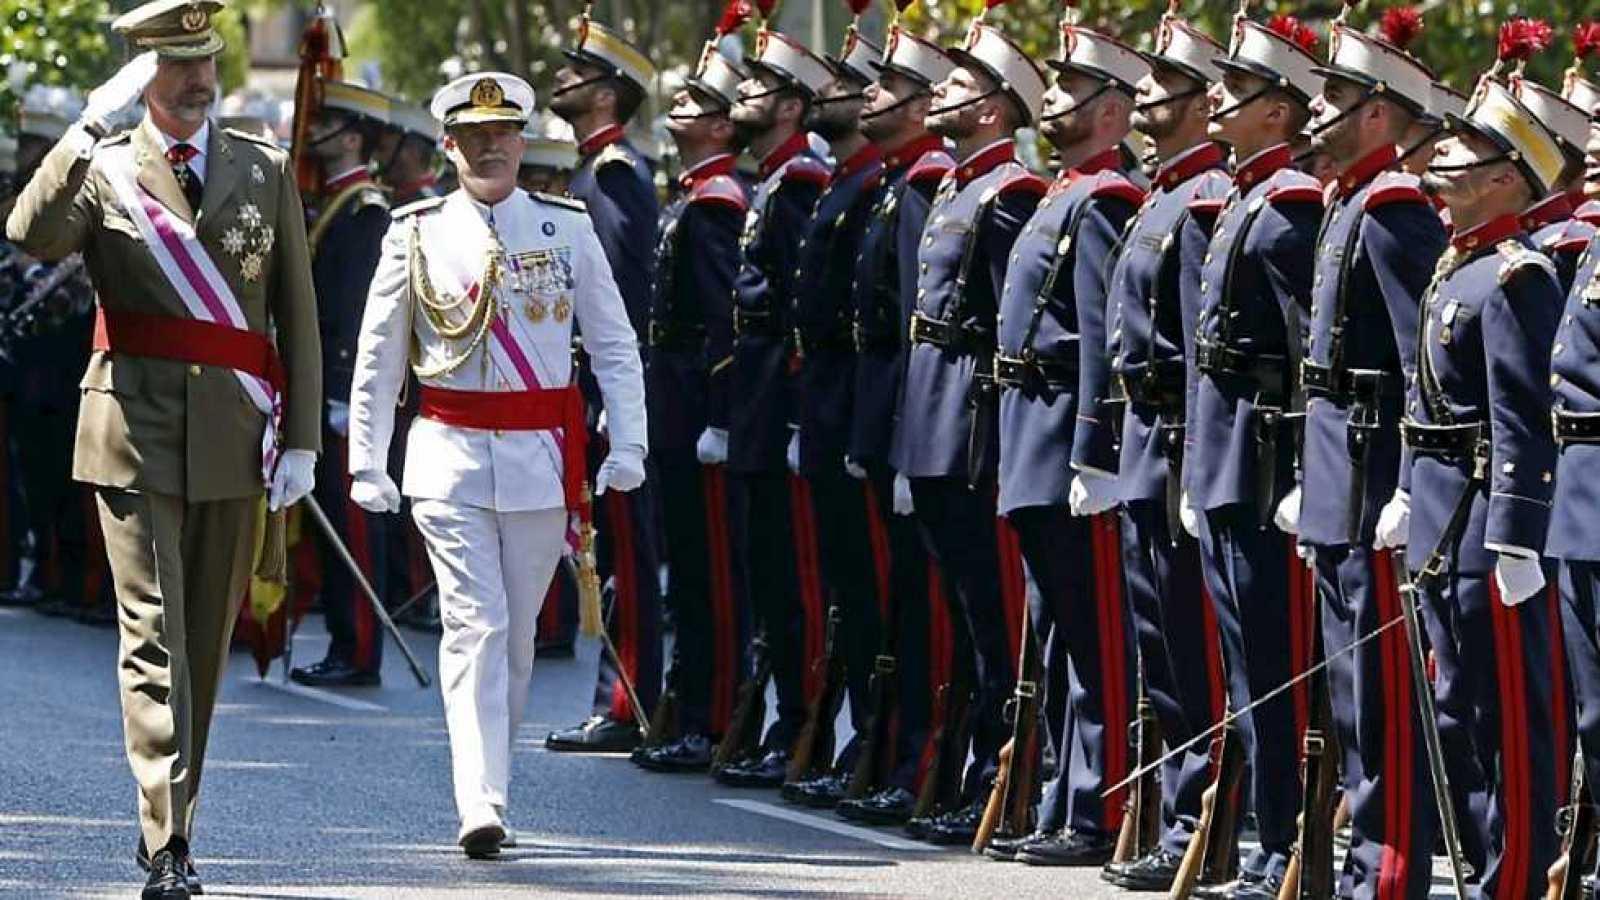 Especial informativo - Día de las Fuerzas Armadas 2015 - ver ahora